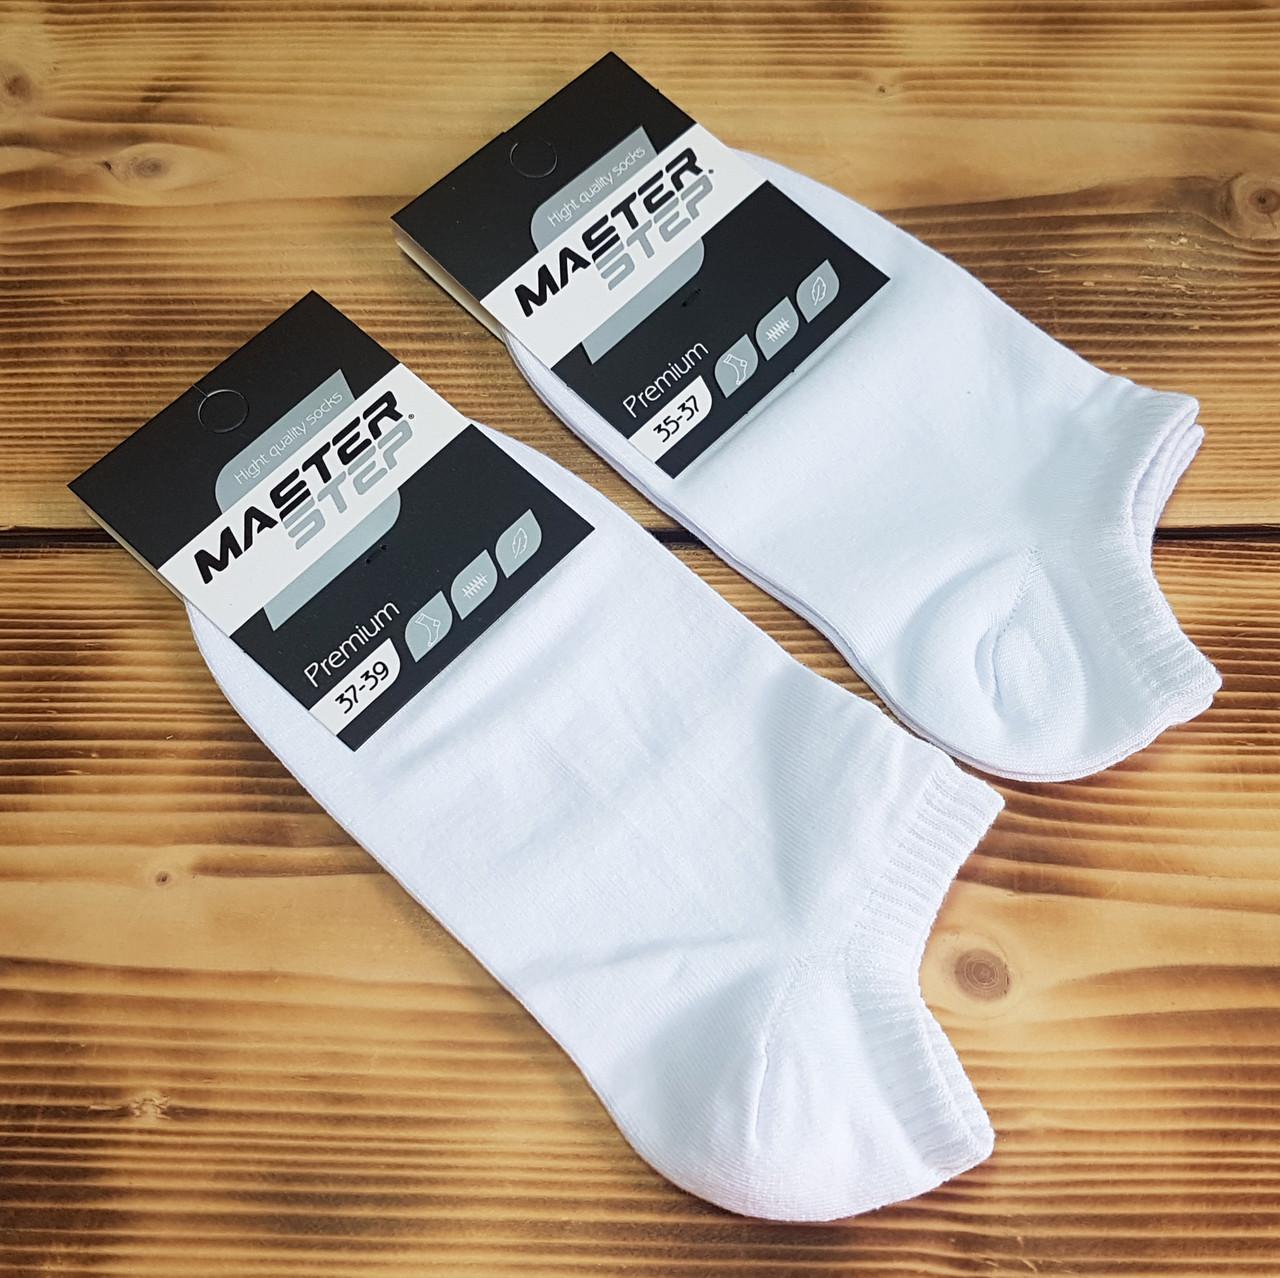 Носок білий укорочений «Преміум», розмір 37-39